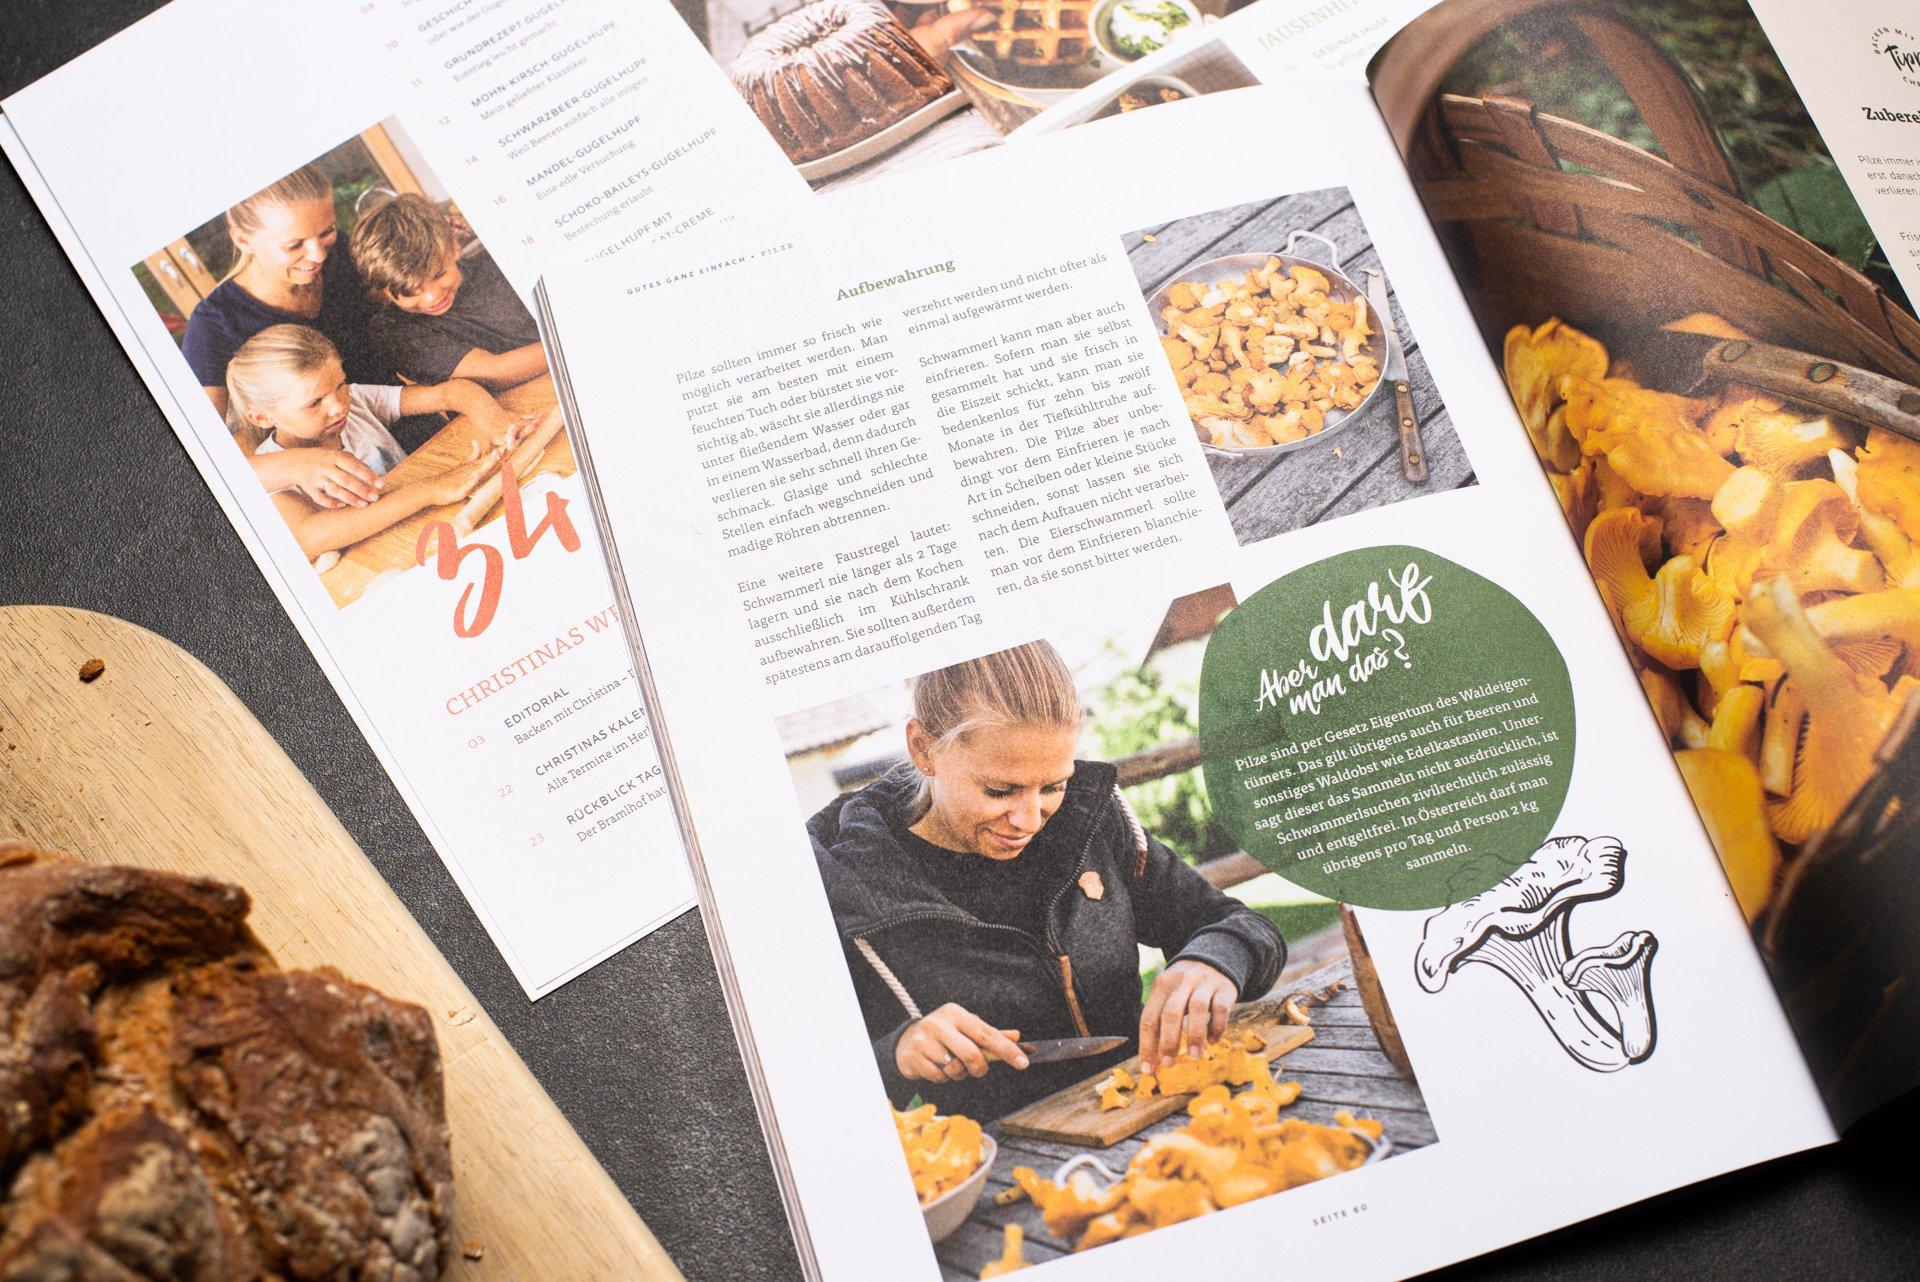 Christina's Perfect Bread – The magazine